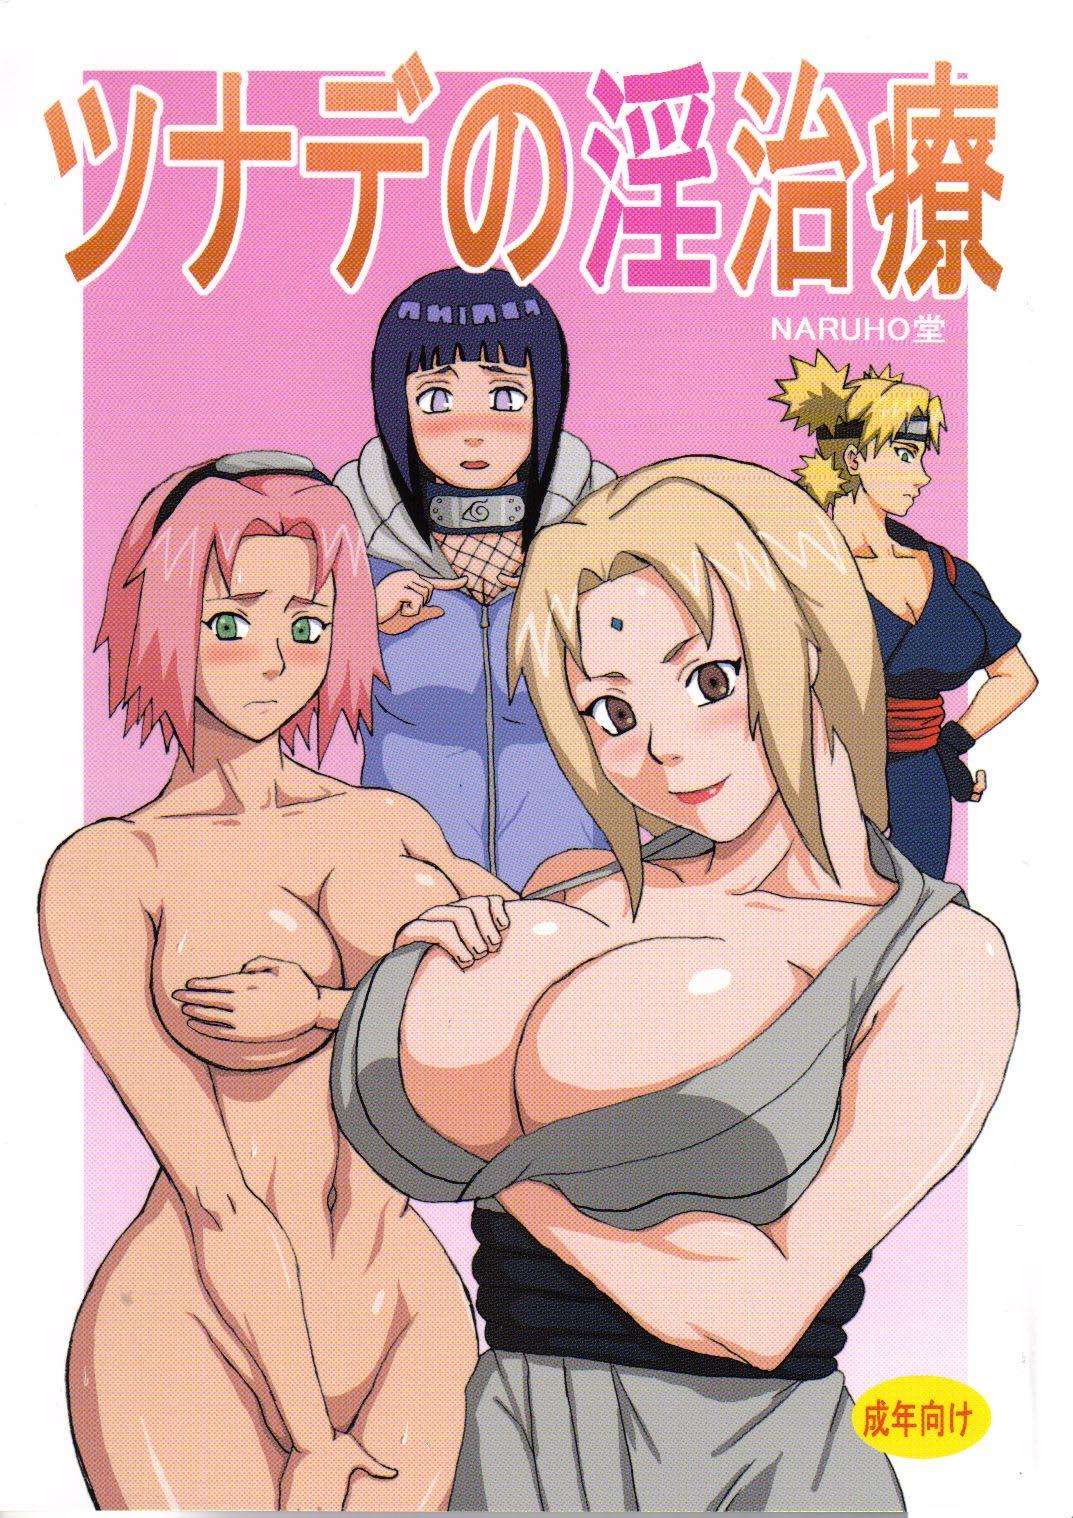 Naruto tsunade porn comics